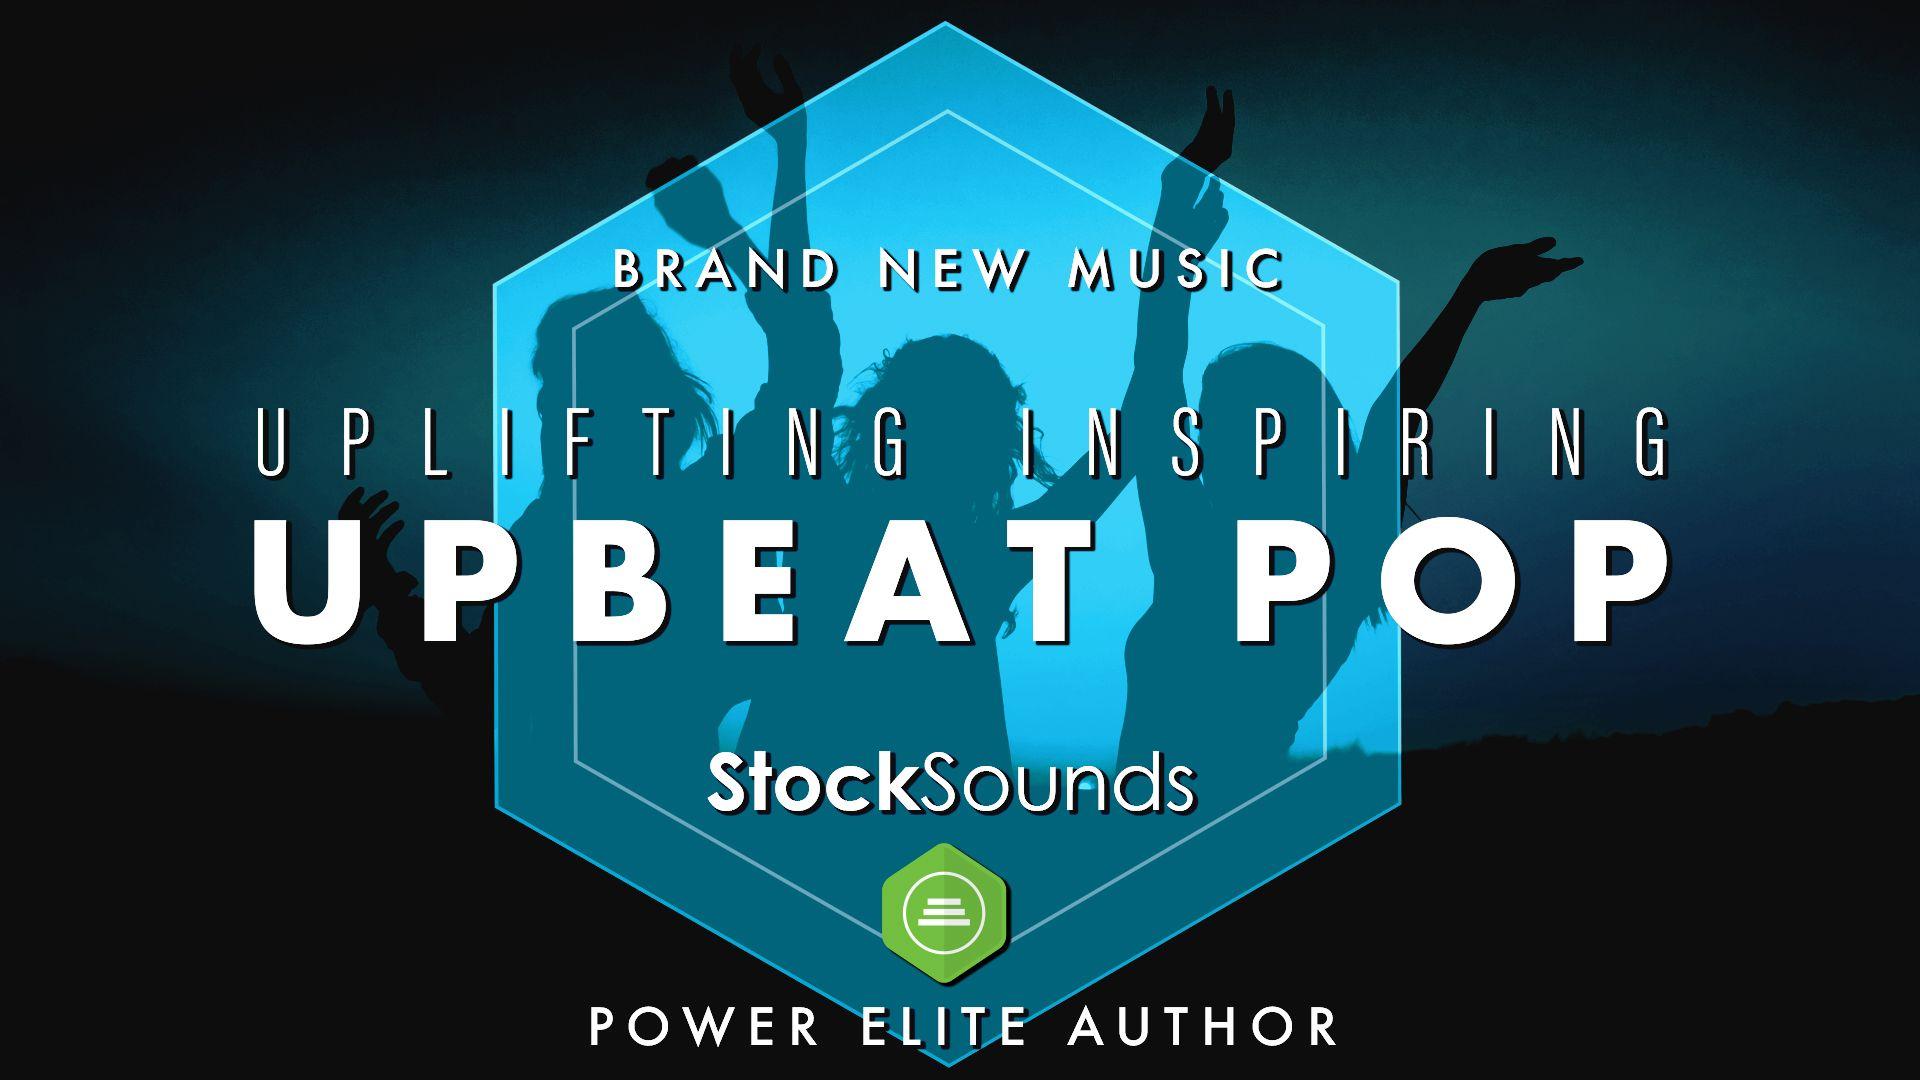 Energetic Upbeat Pop Uplifting Inspiring - 4